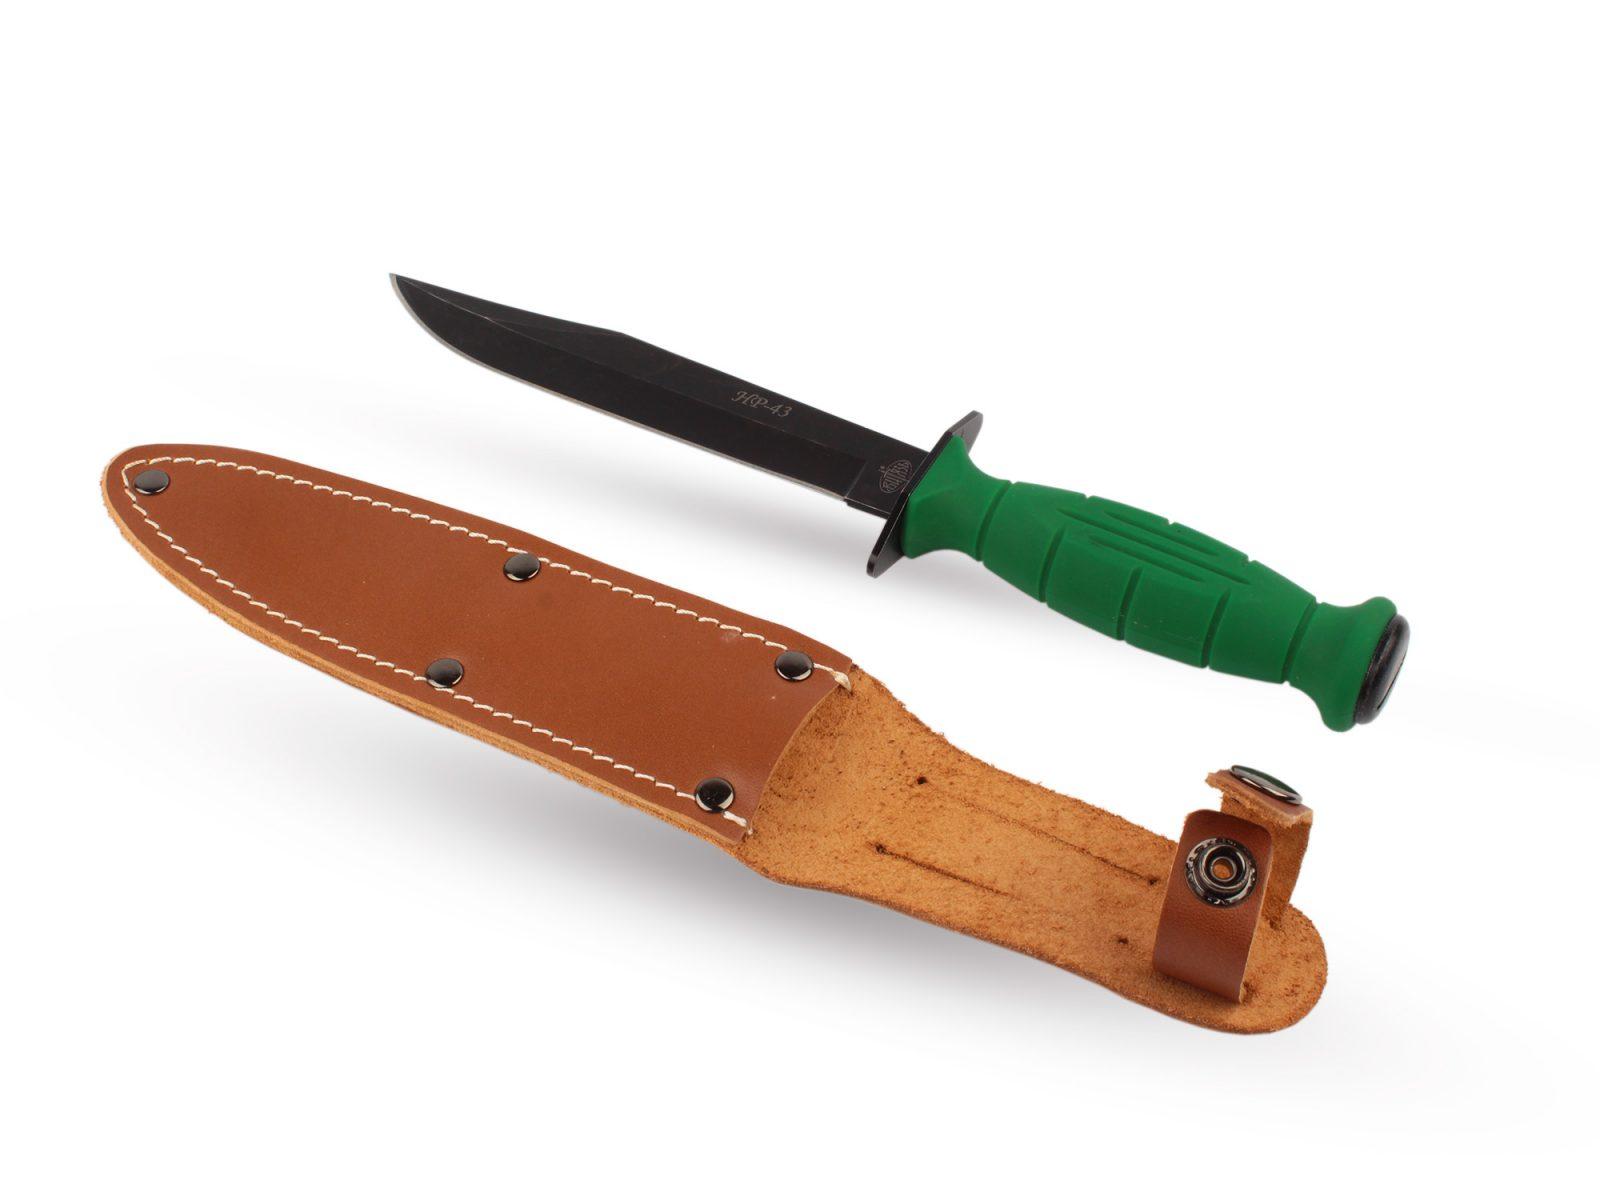 Купить нож с доставкой по России